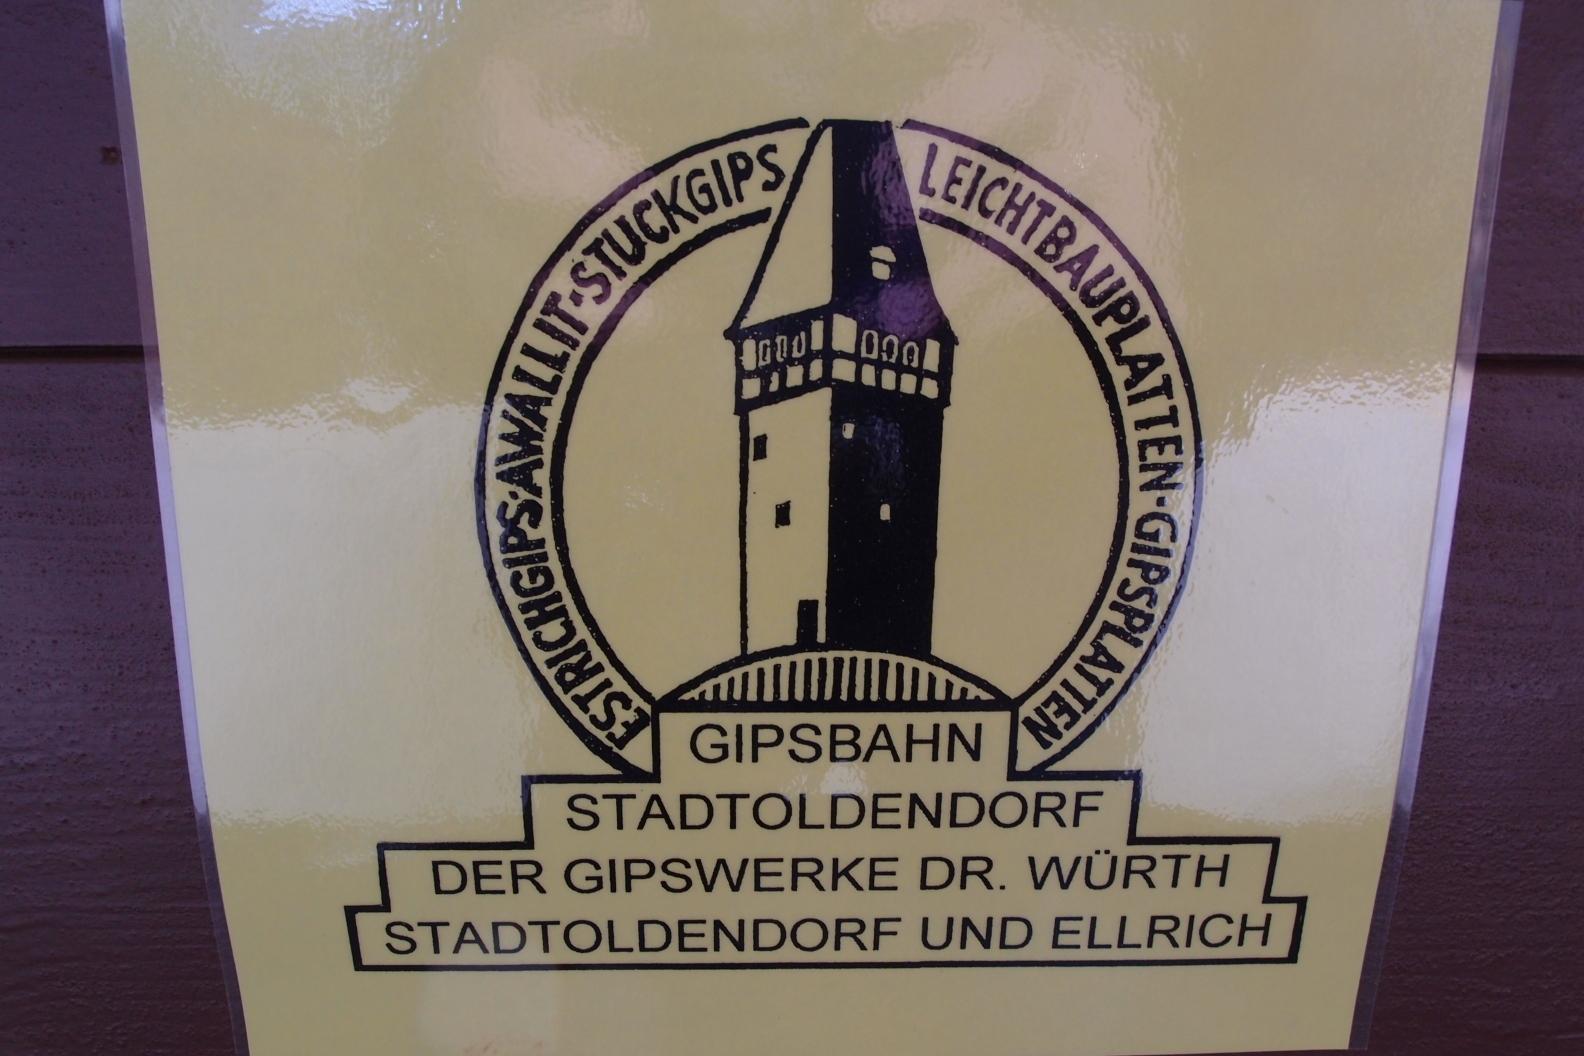 Gipsbahn Stadtoldendorf in 0e